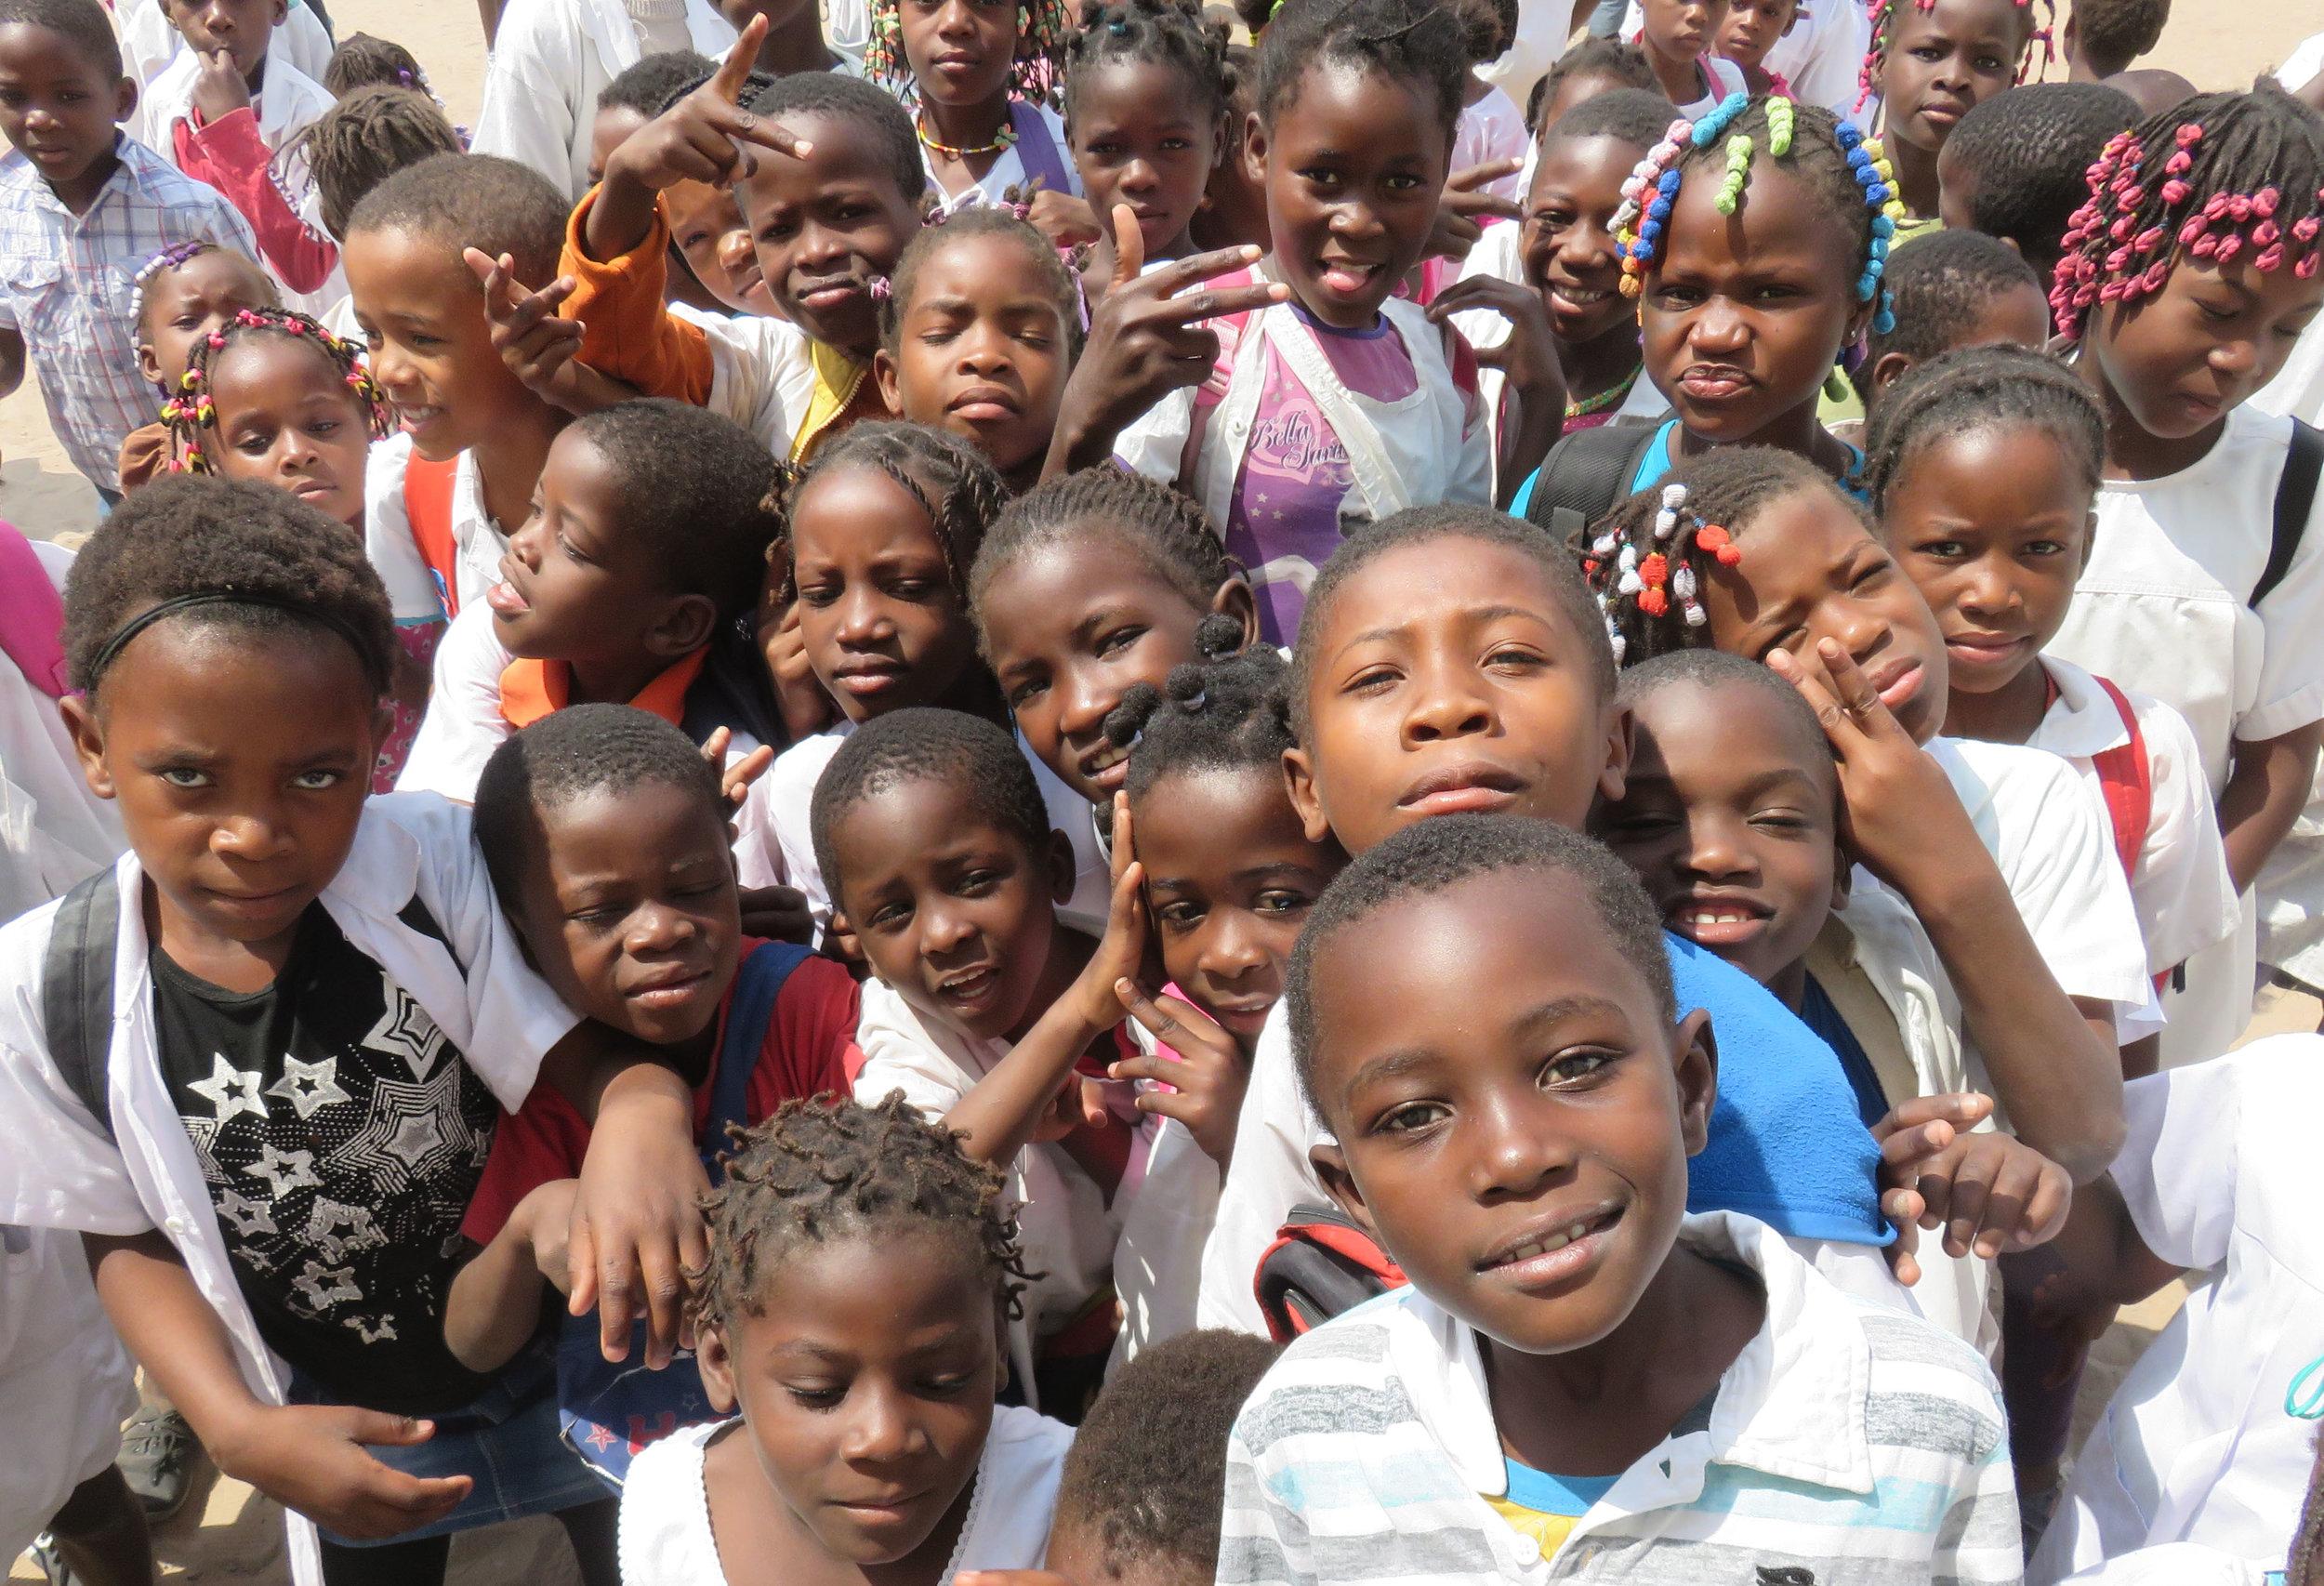 Children in Ondjiva, Angola.